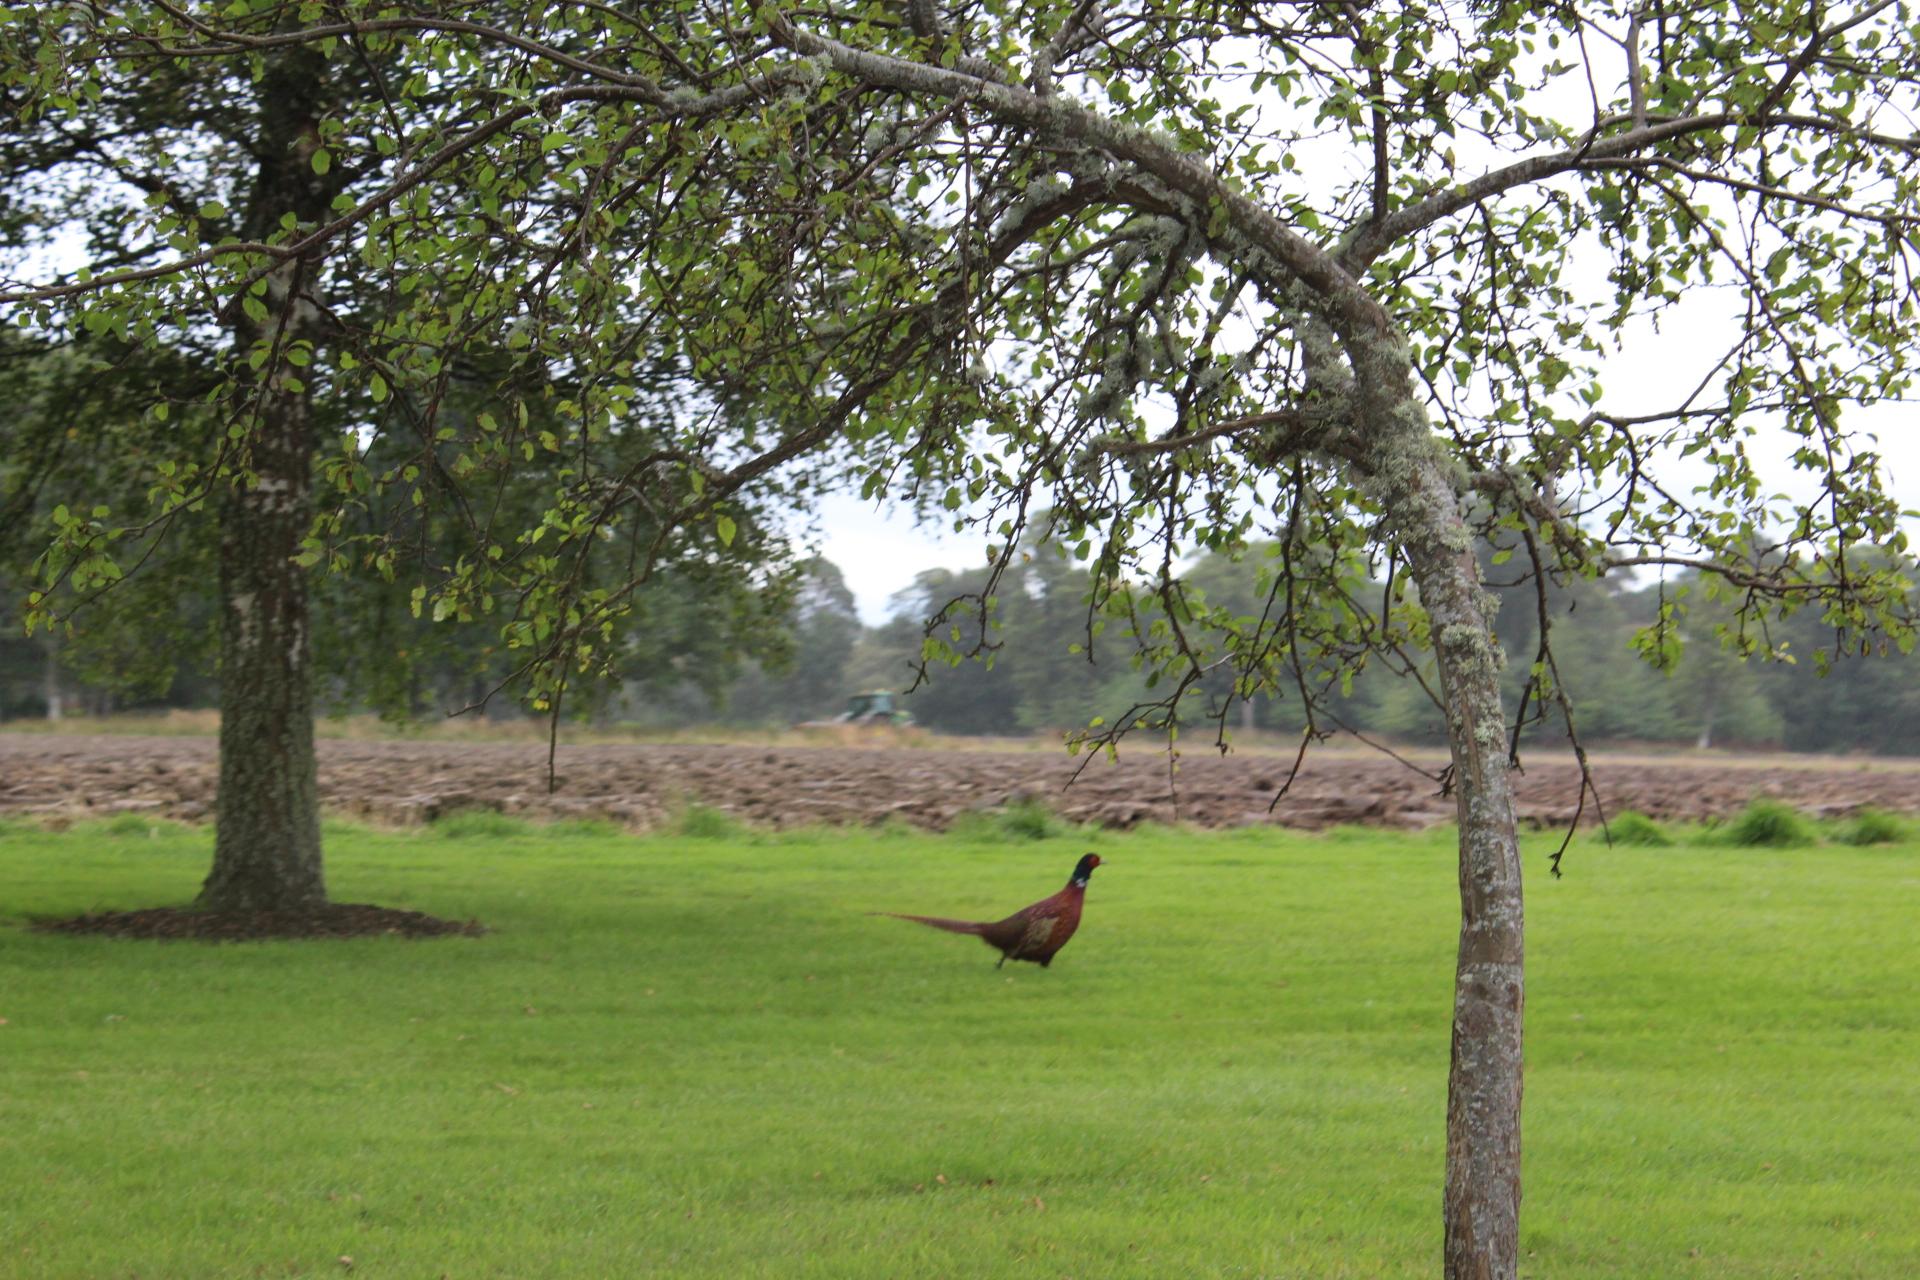 Pheasant sightings